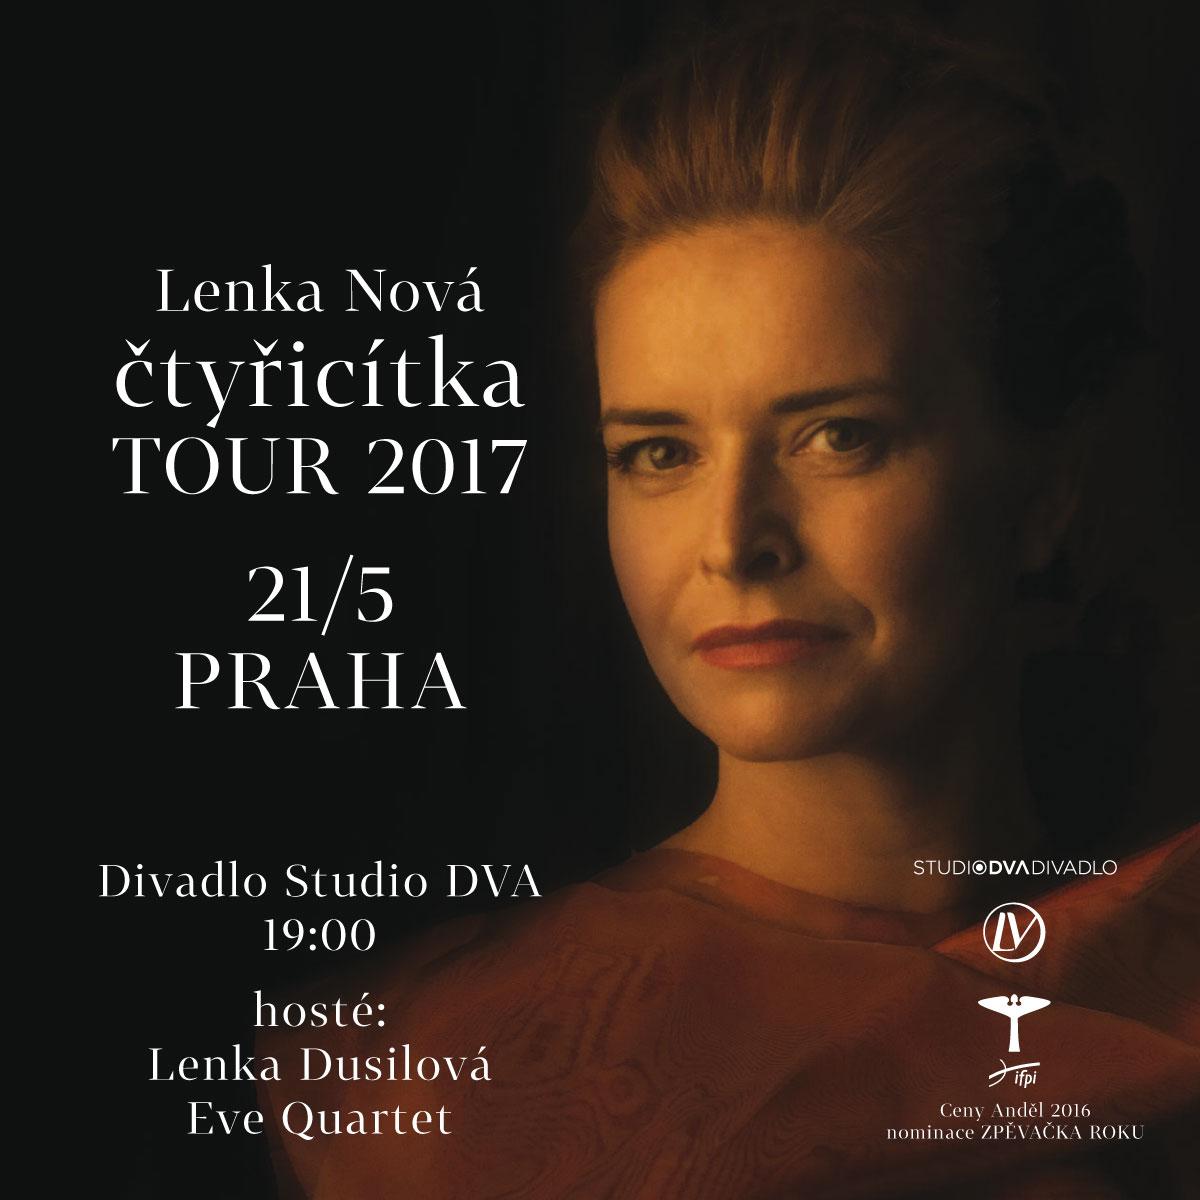 Lenka Nová - Čtyřicítka